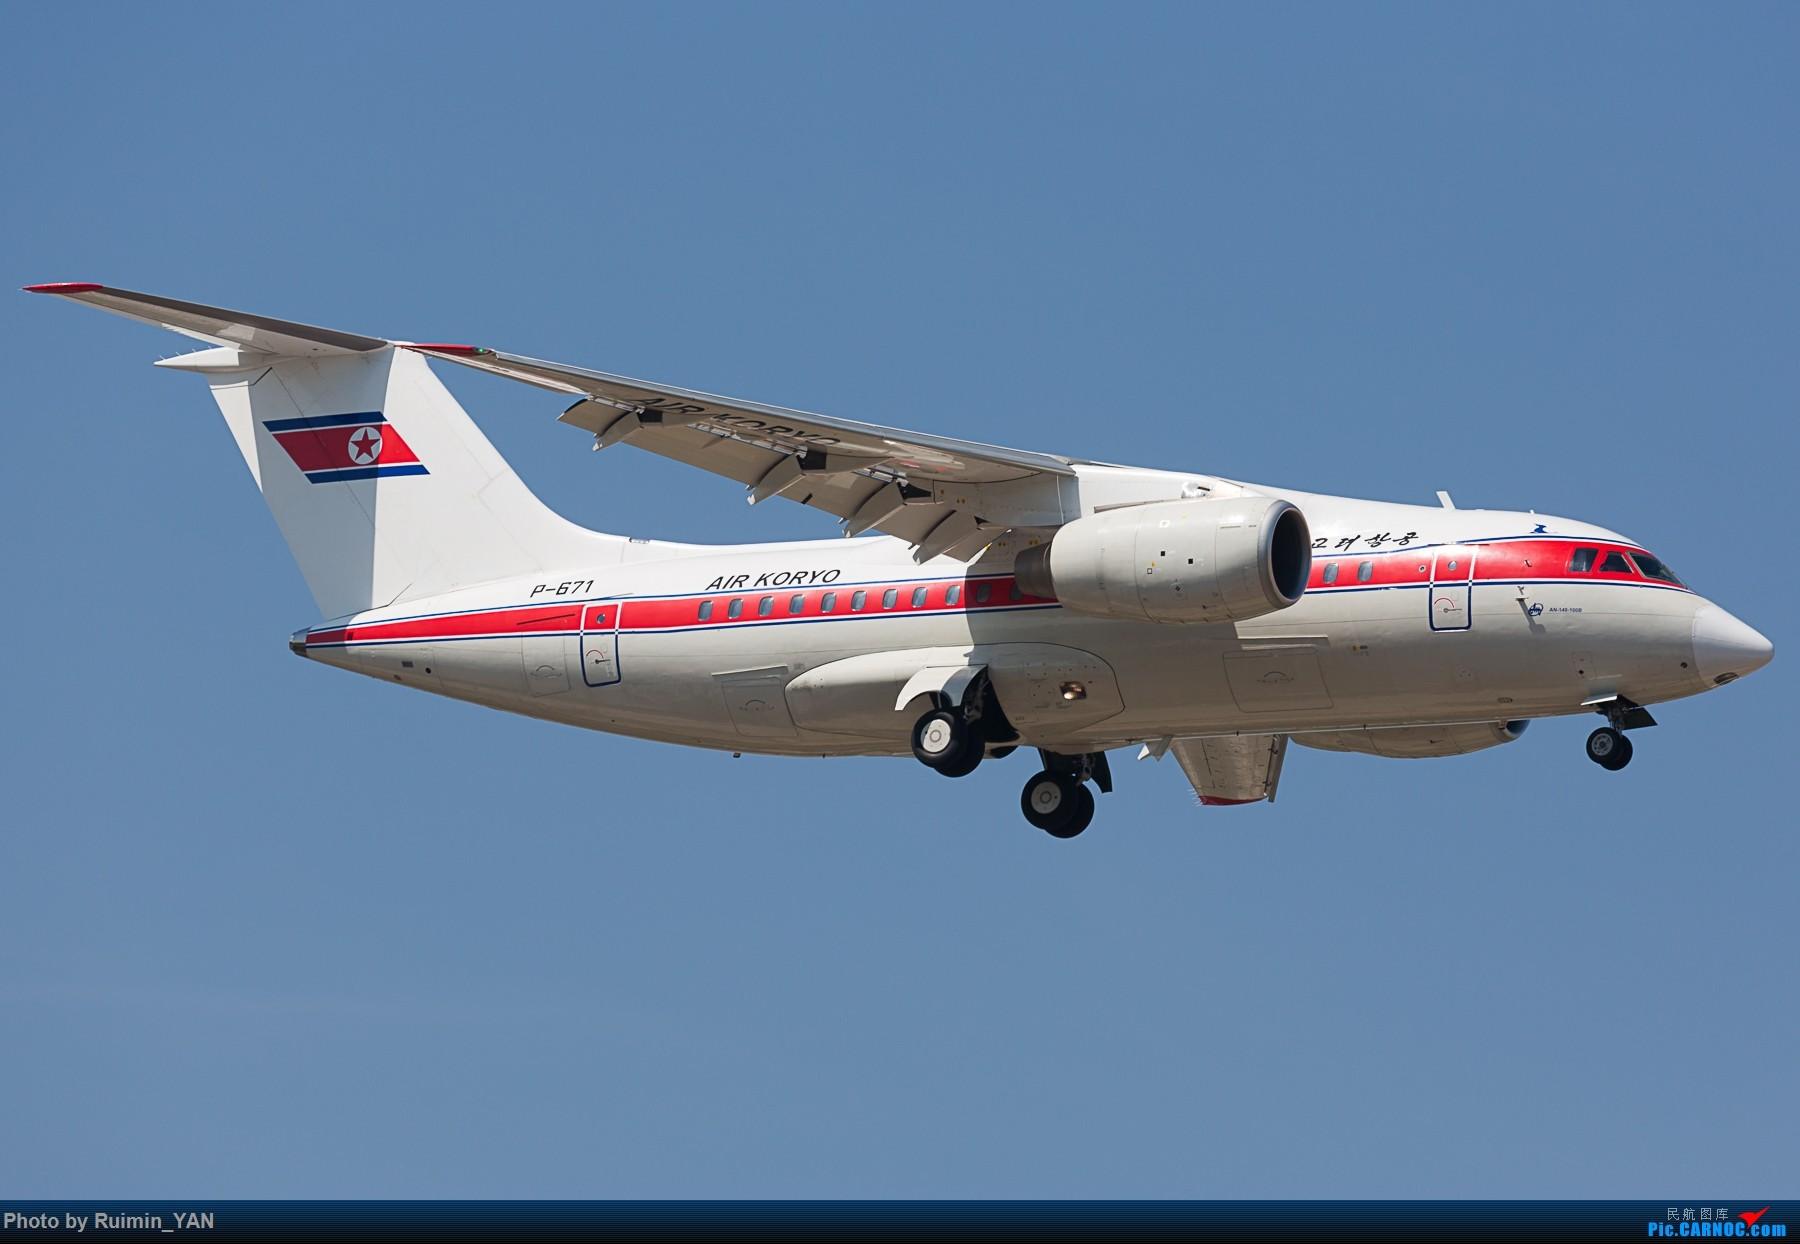 [原创]【PEK】朝鲜高丽航空(JS, Air Koryo) P-671 安东诺夫 Antonov AN-148 ANTONOV AN-148 P-671 中国北京首都国际机场